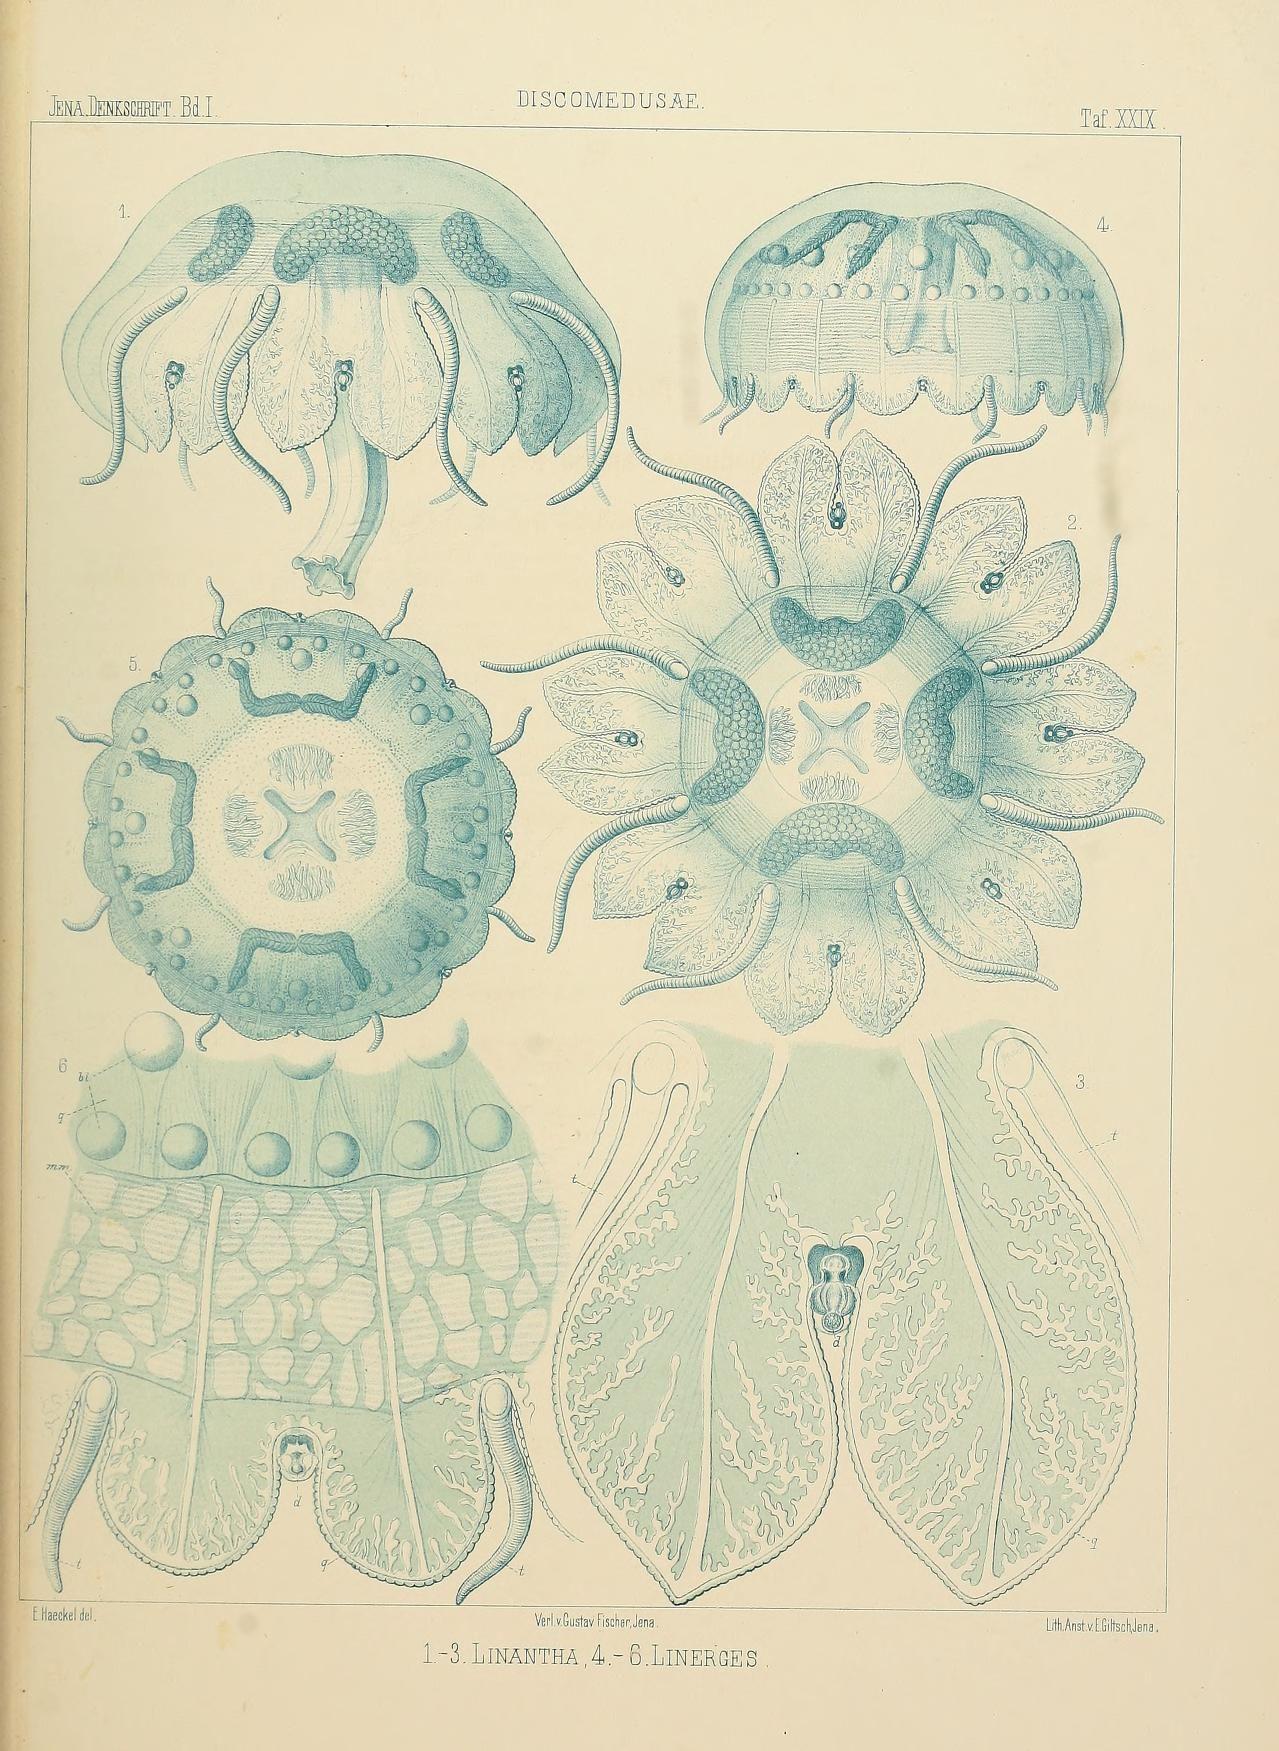 Denkschriften der Medicinisch-Naturwissenschaftlichen Gesellschaft zu Jena. Bd.1:T.1 (1879) plates  Jena :Fischer,1878-1932.  Biodiversitylibrary. Biodivlibrary. BHL. Biodiversity Heritage Library